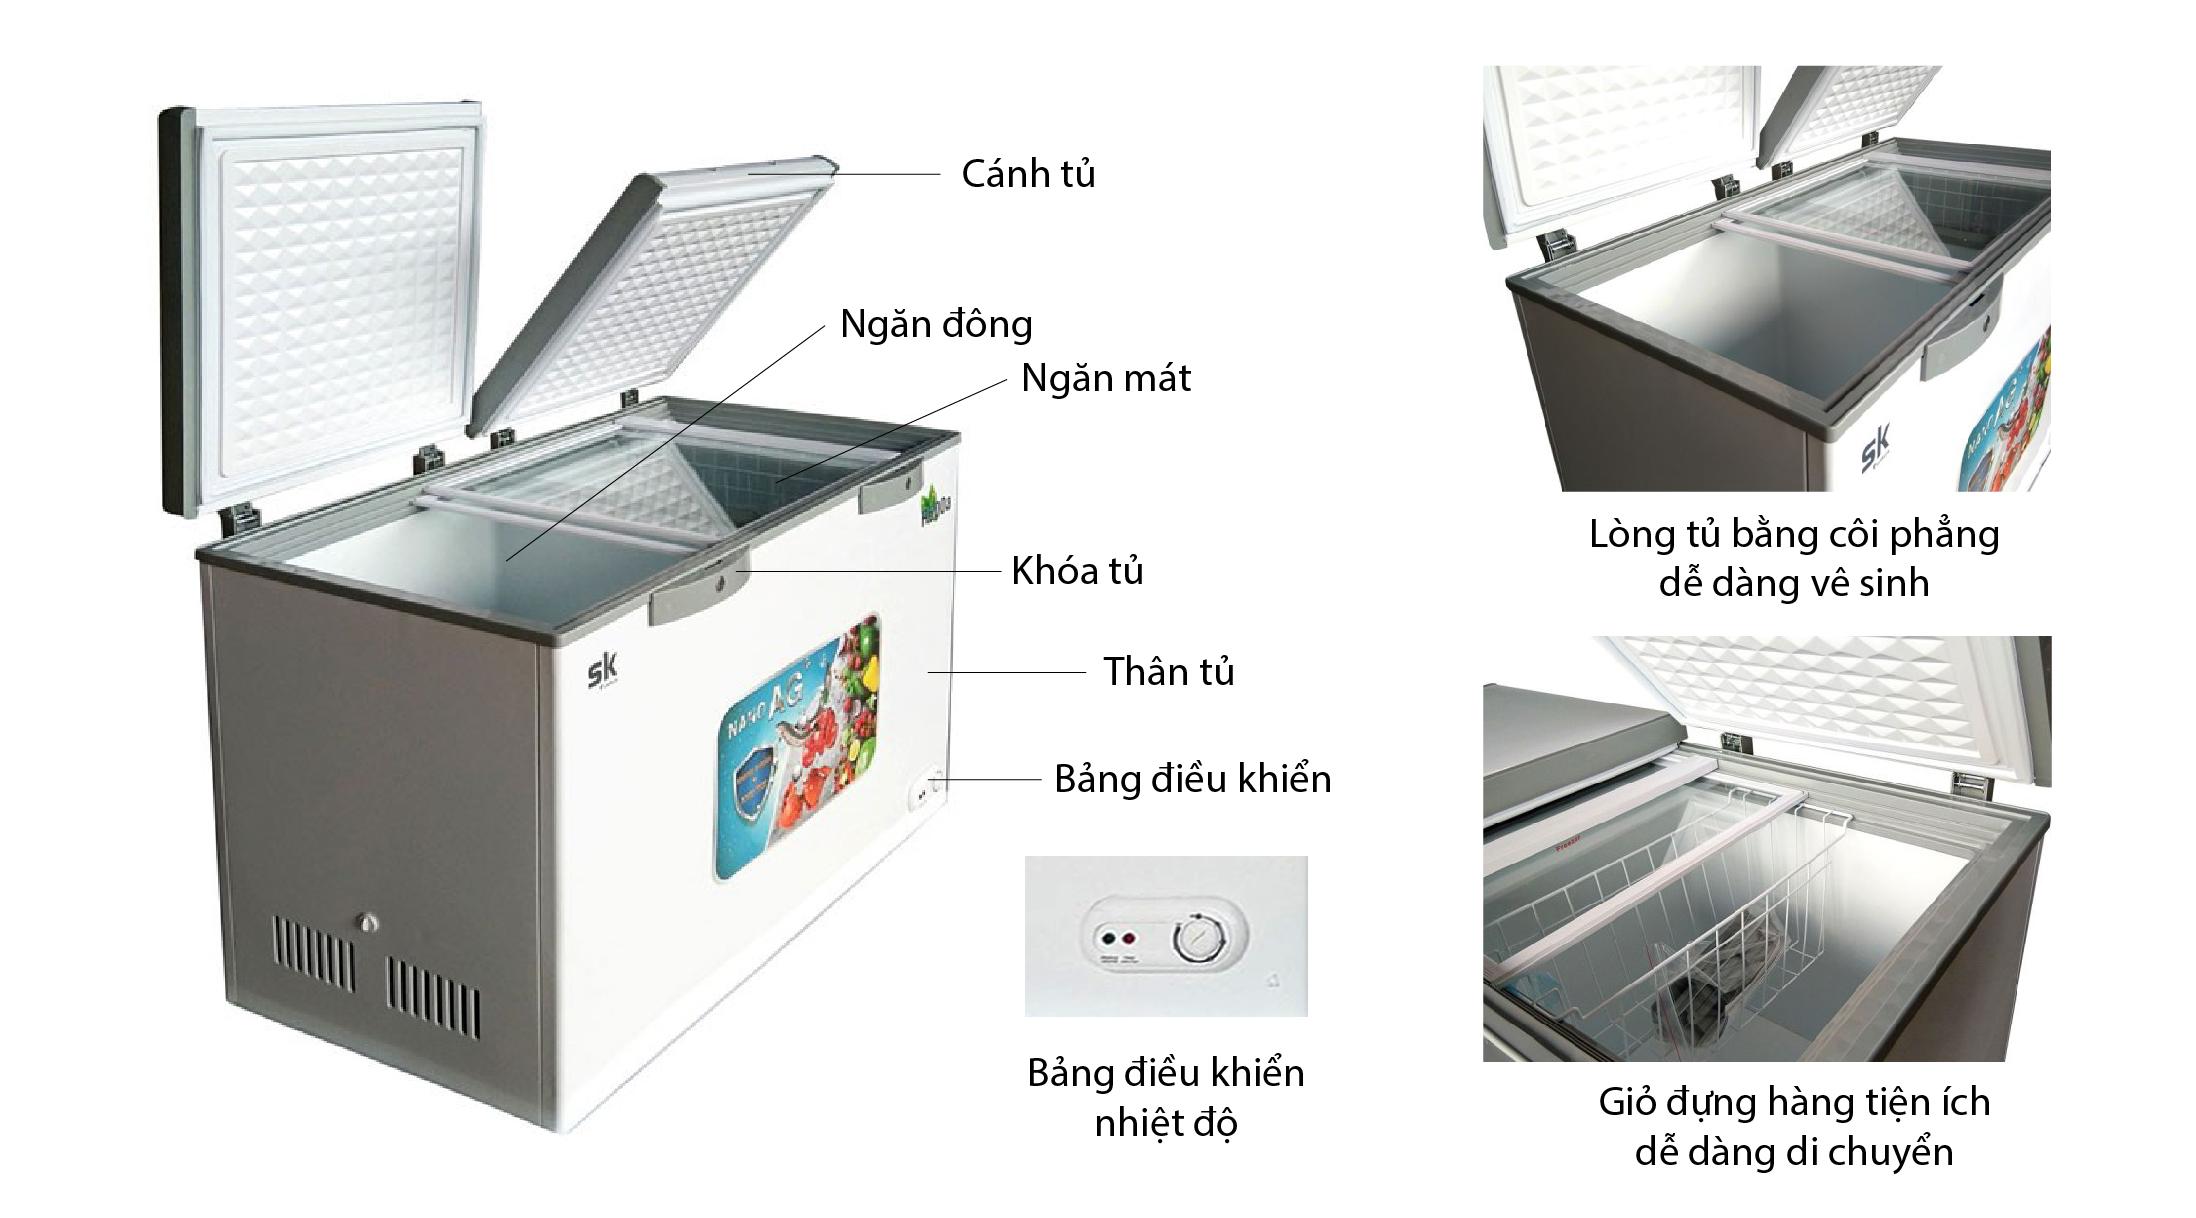 thiết kế tủ đông hãng sumikura SKFCD-286